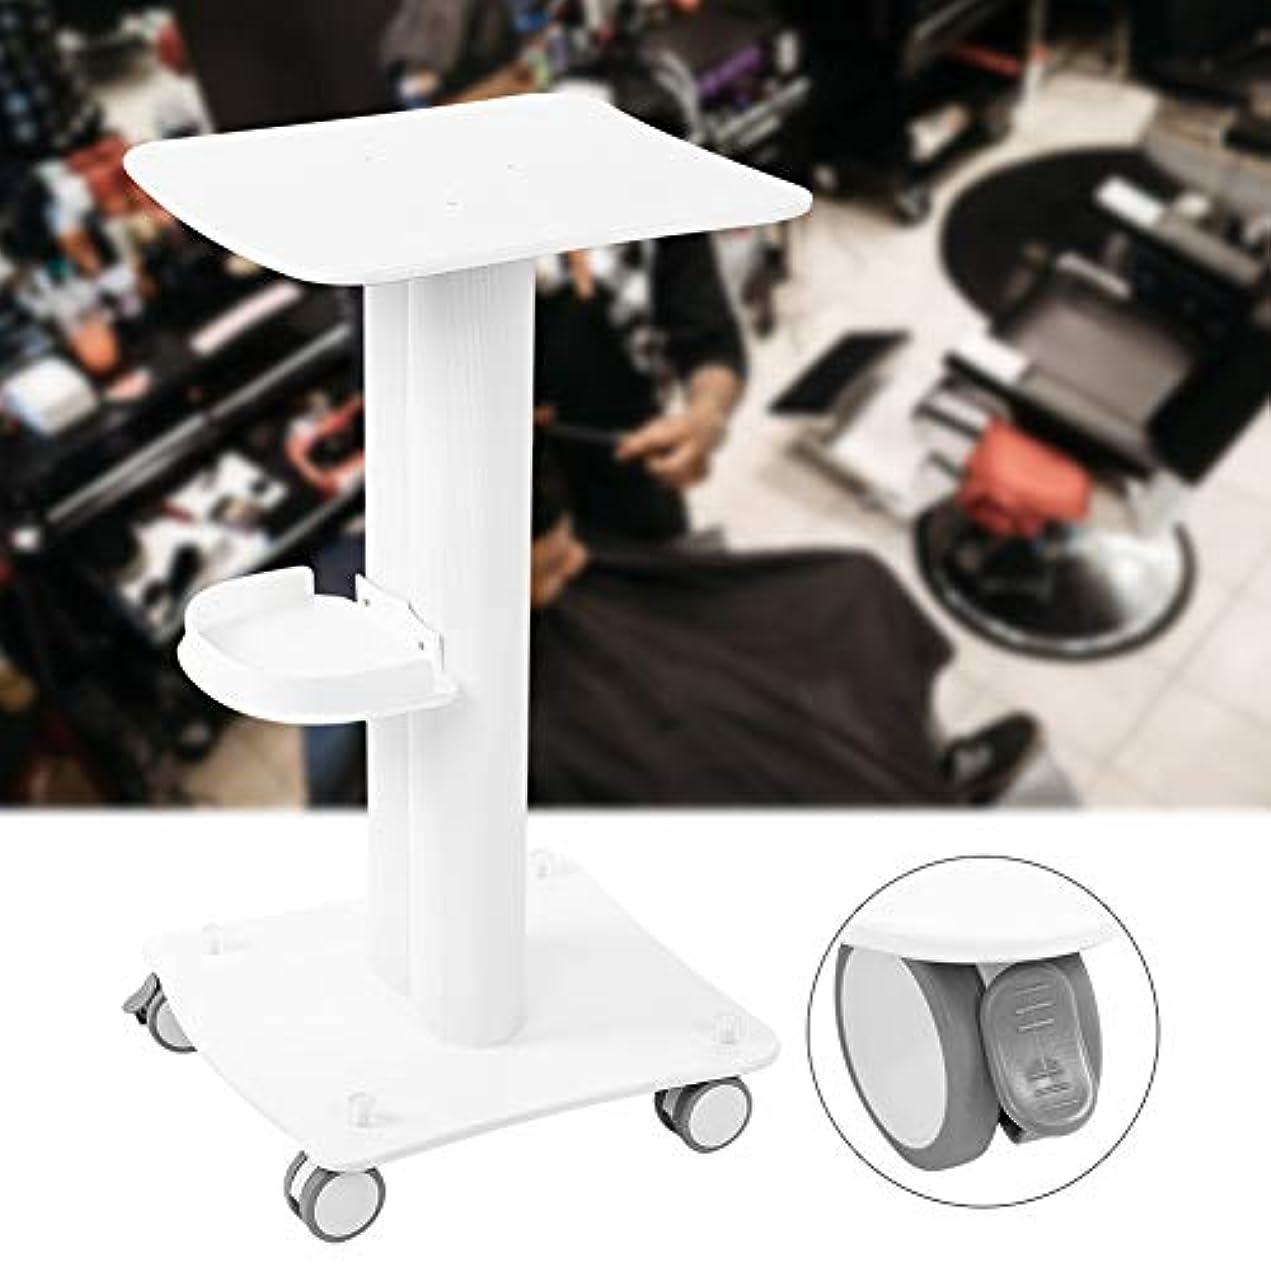 観察印象派語美容院のトロリー、ポリ塩化ビニールの大広間の使用台の圧延のカートの車輪の美容院の大広間のためのアルミニウム立場